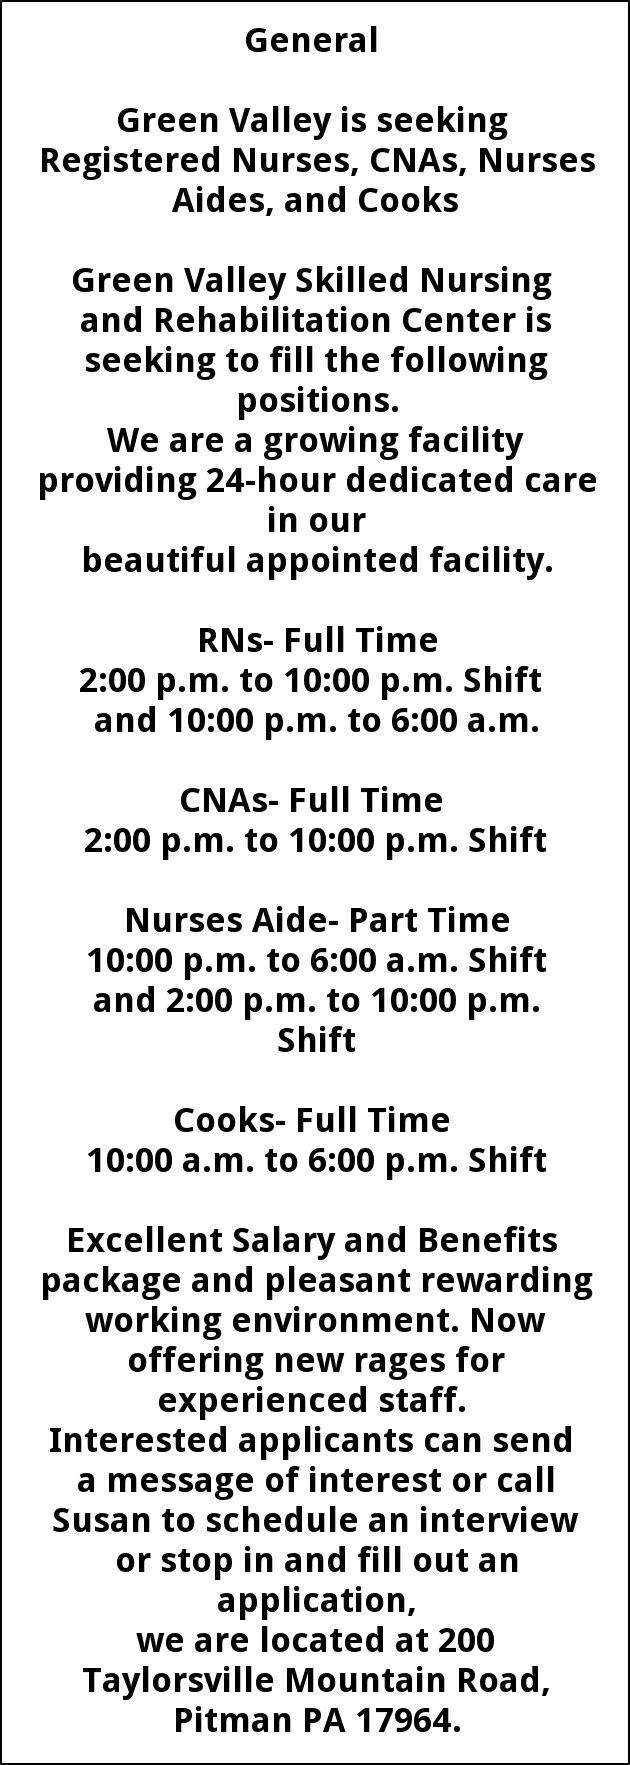 Registered Nurses, CNAs, Nurses Aides and Cooks, Green